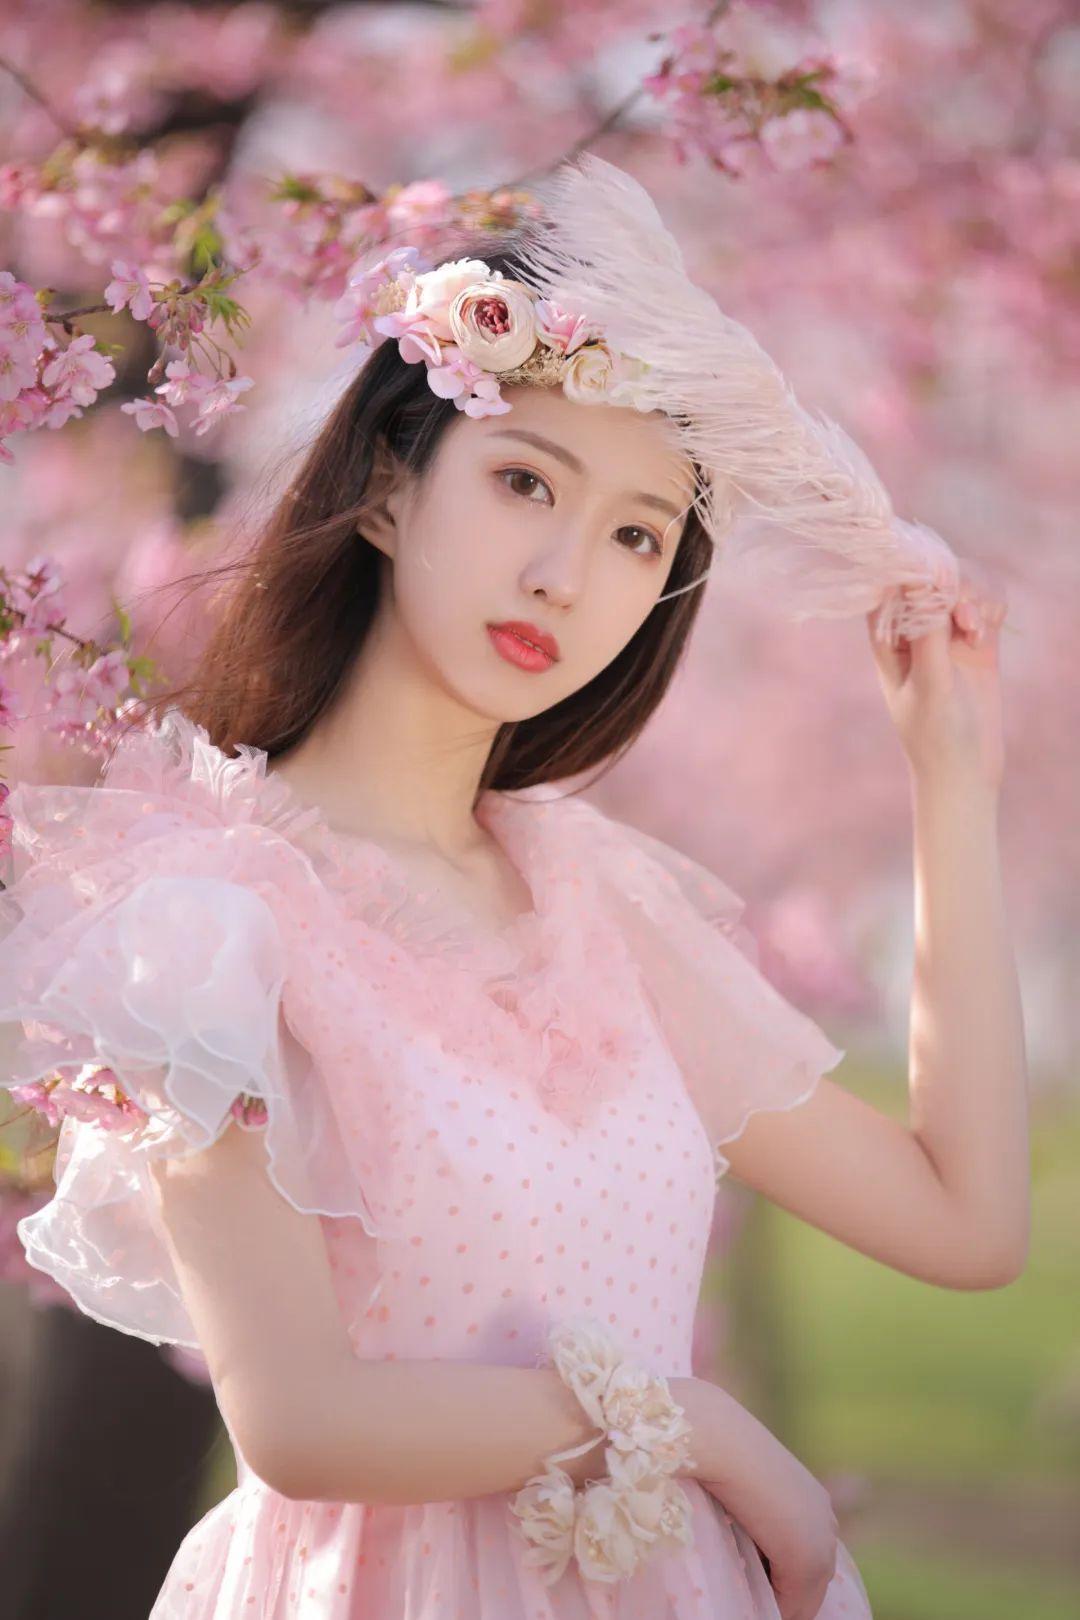 妹子摄影 – 粉粉的日系少女樱花树下写真_图片 No.26